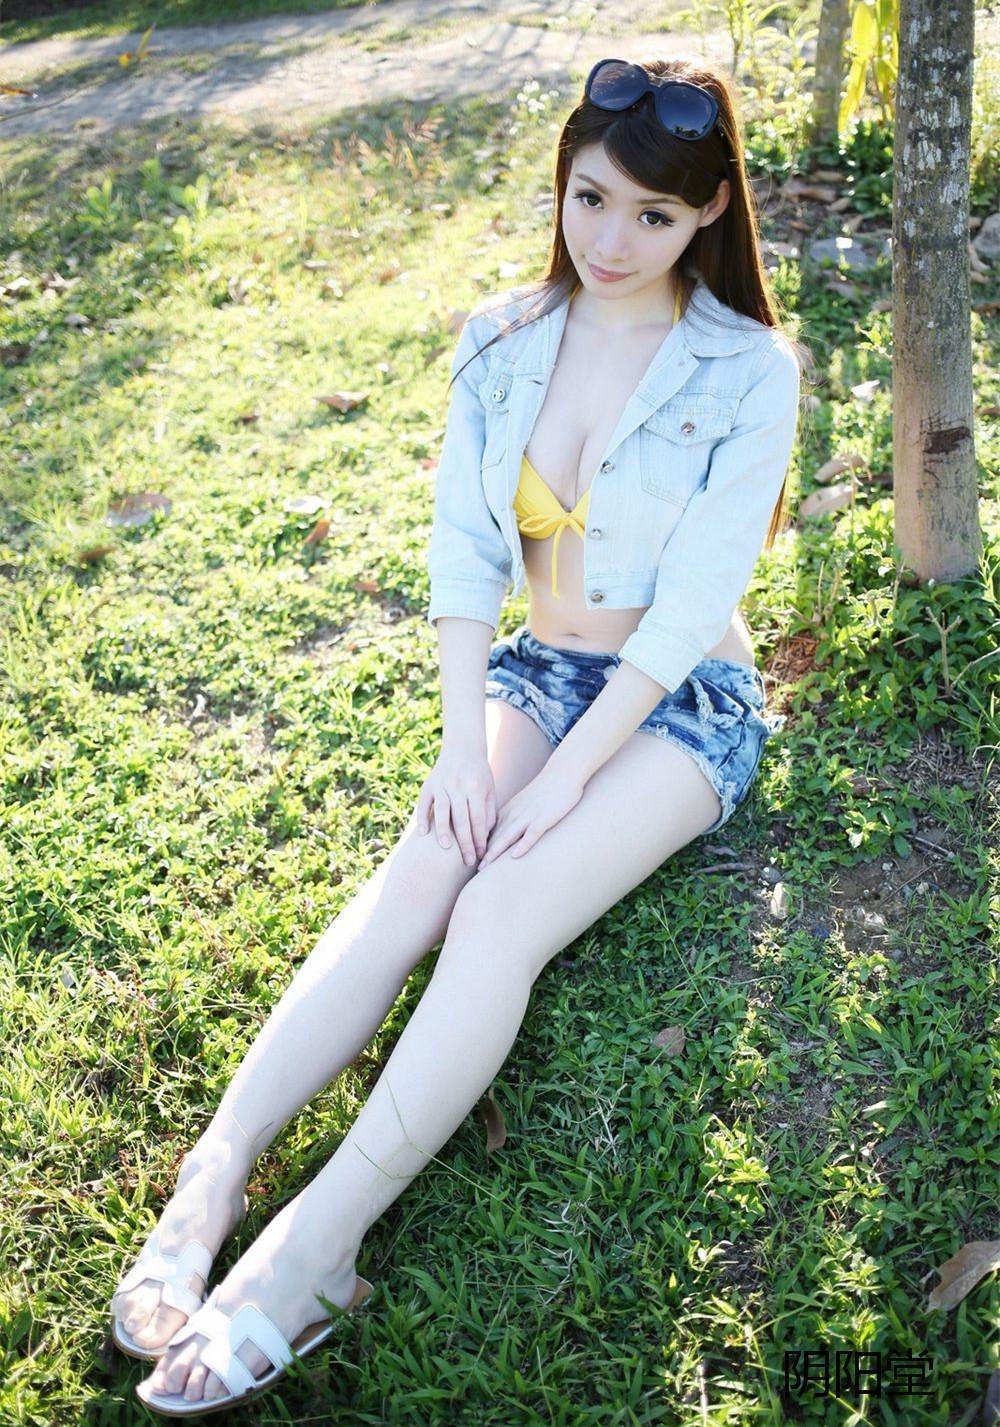 街拍活力少女, 牛仔超短裤搭配黄色泳衣十足抢眼 4